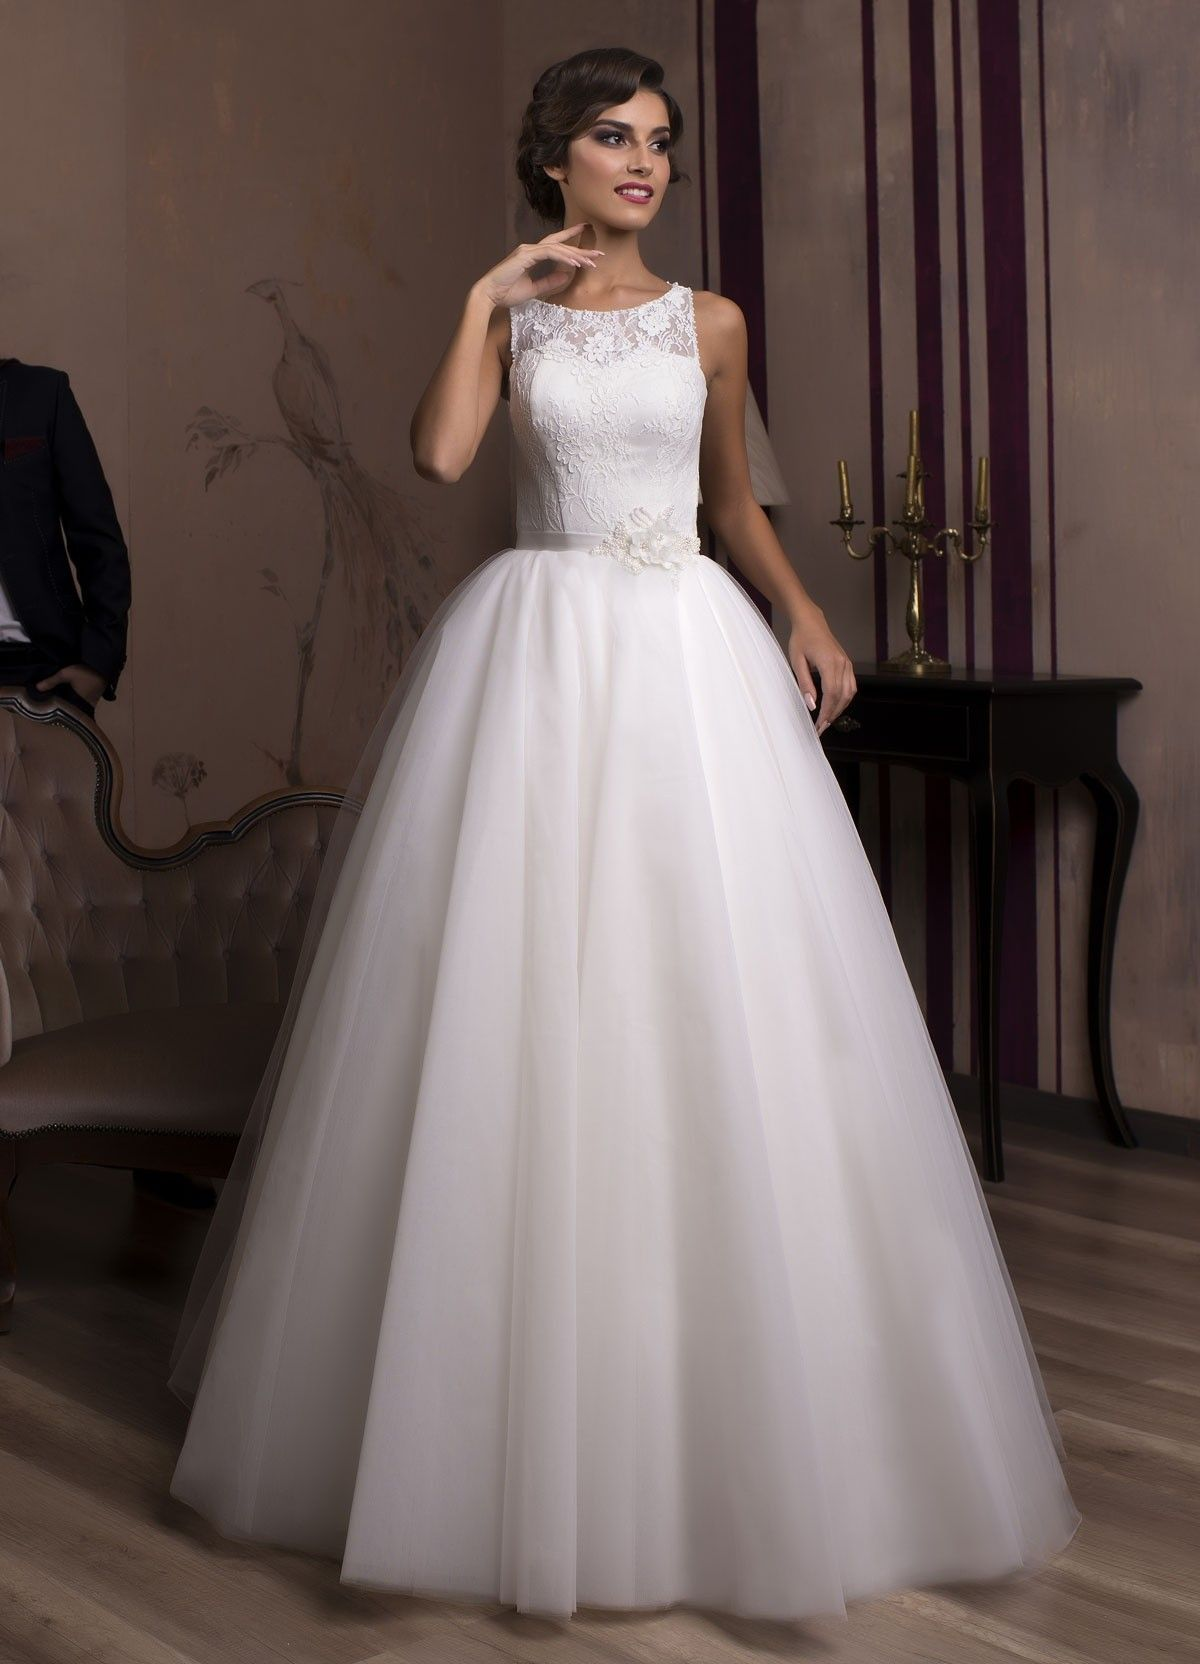 a43c5e1f1a9b Nádherné svadobné šaty so širokou sukňou a čipkovaným vrškom na šnúrovačku